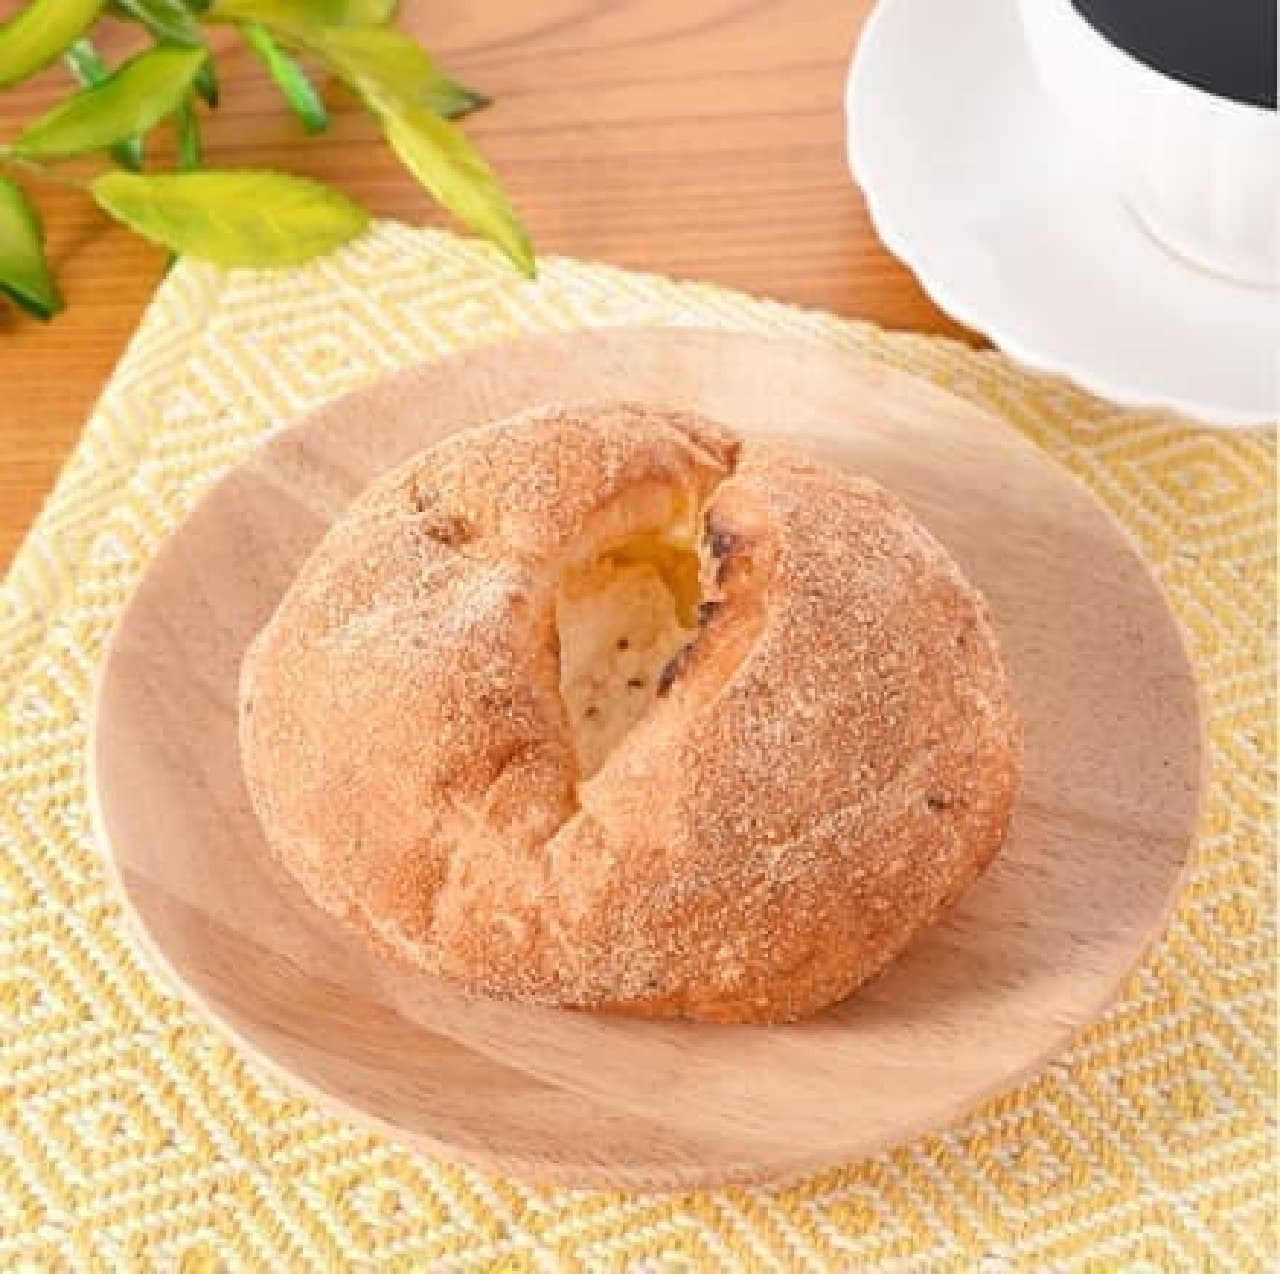 ファミリーマート「チーズクリームを包んだコーンパン」